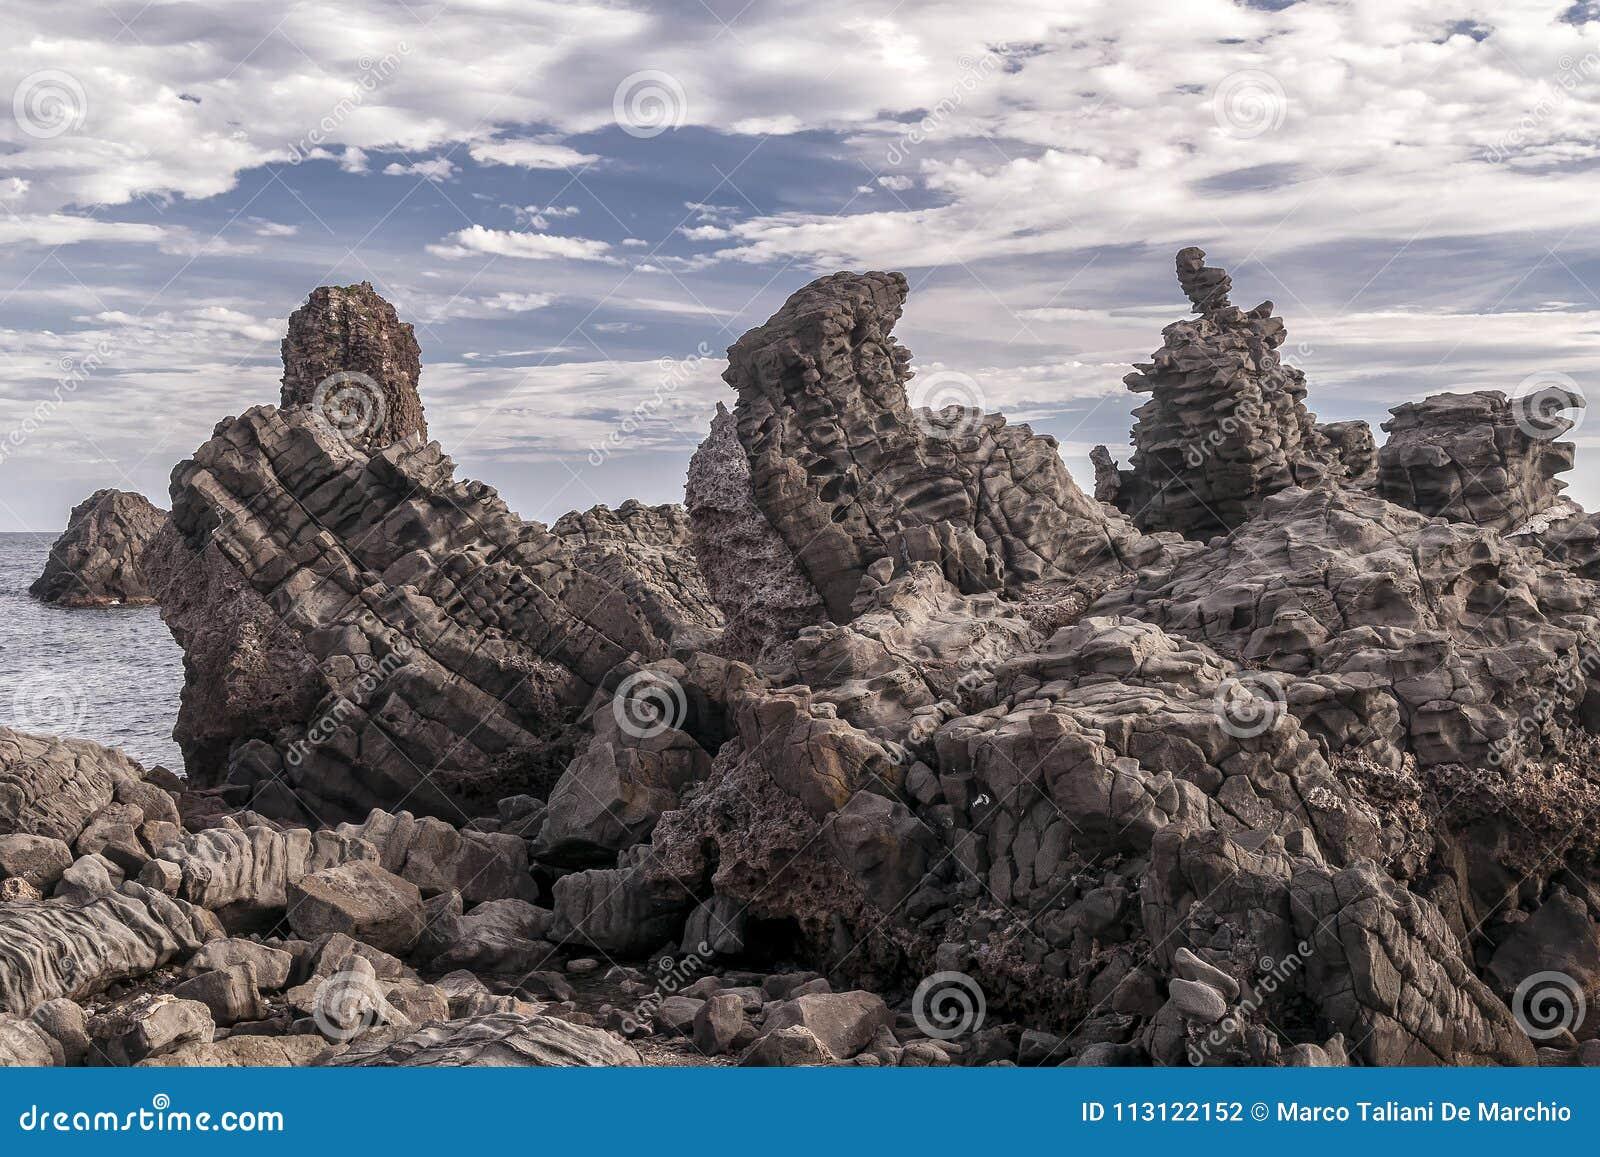 Le rocce famose del Aci Trezza, Catania, Sicilia, Italia